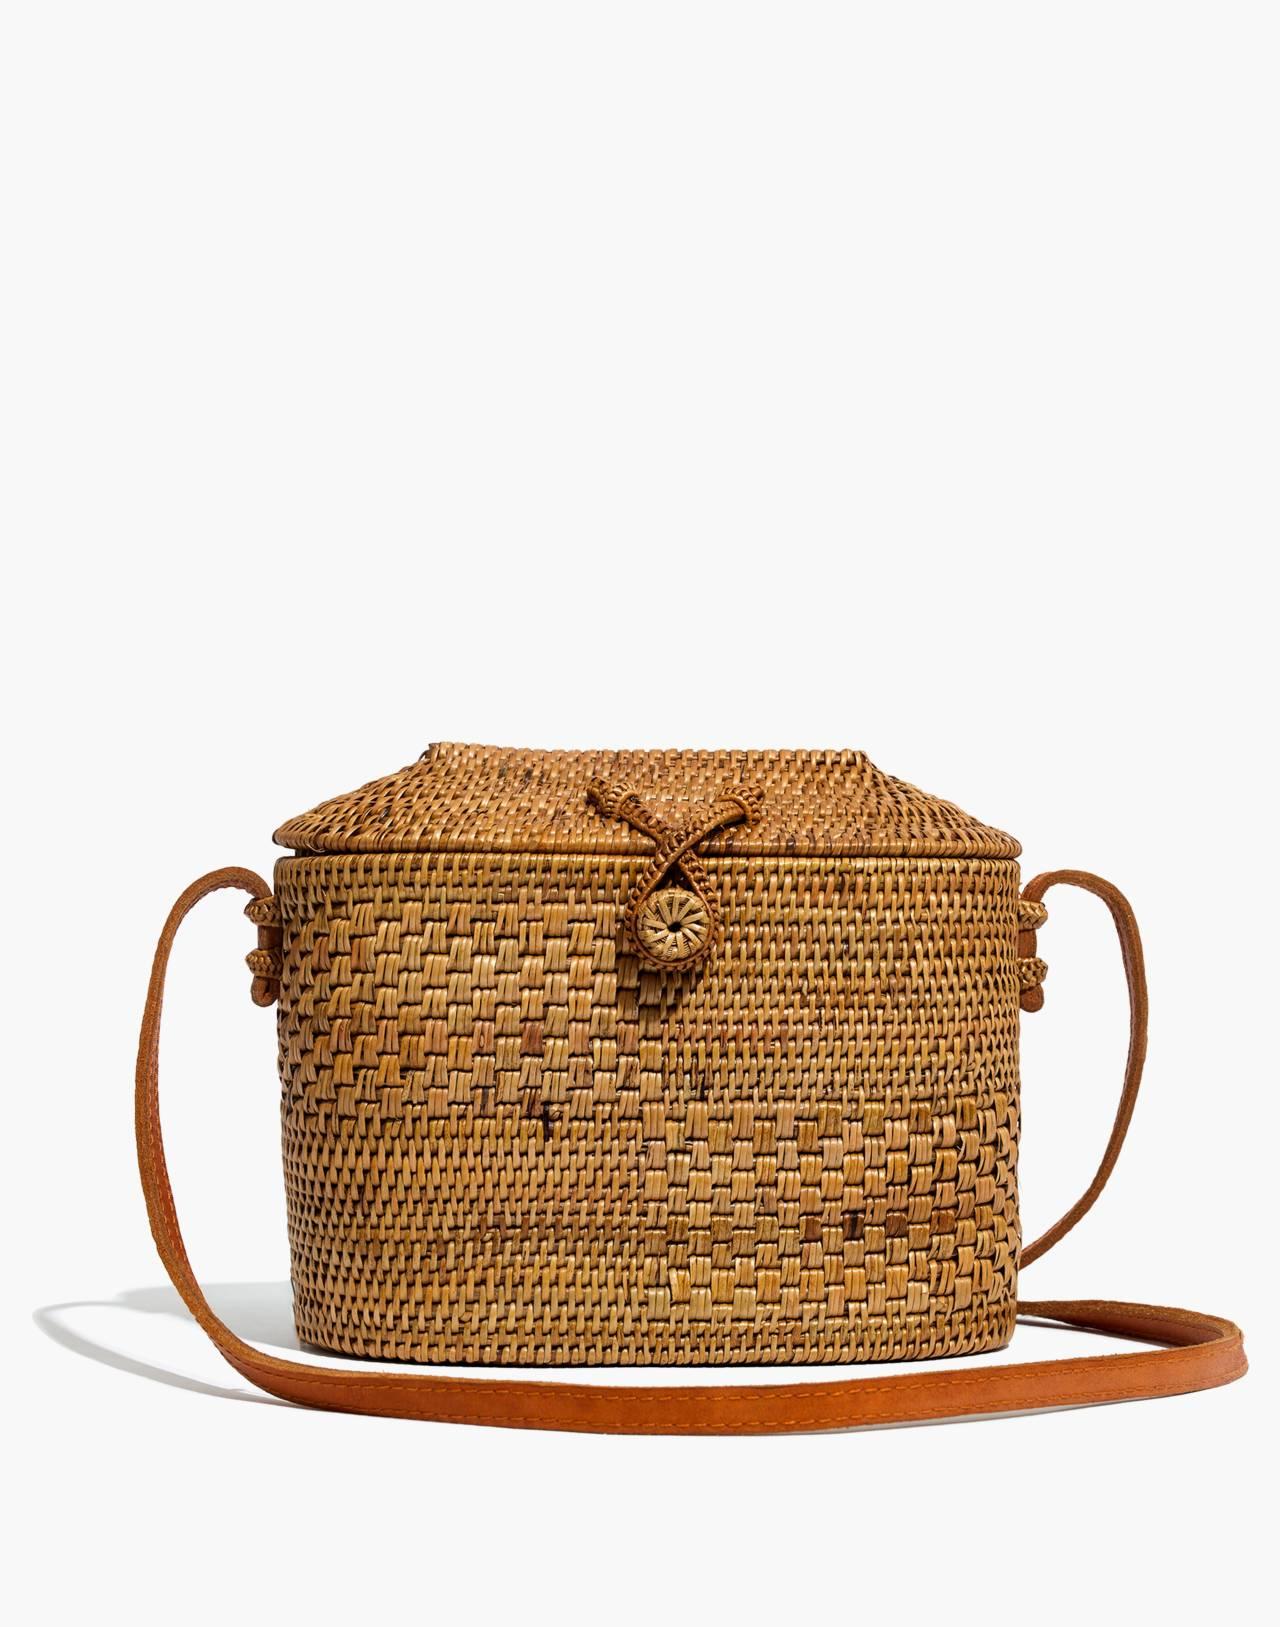 Folk Fortune Bali Rattan Top-Lid Bag in rattan image 1